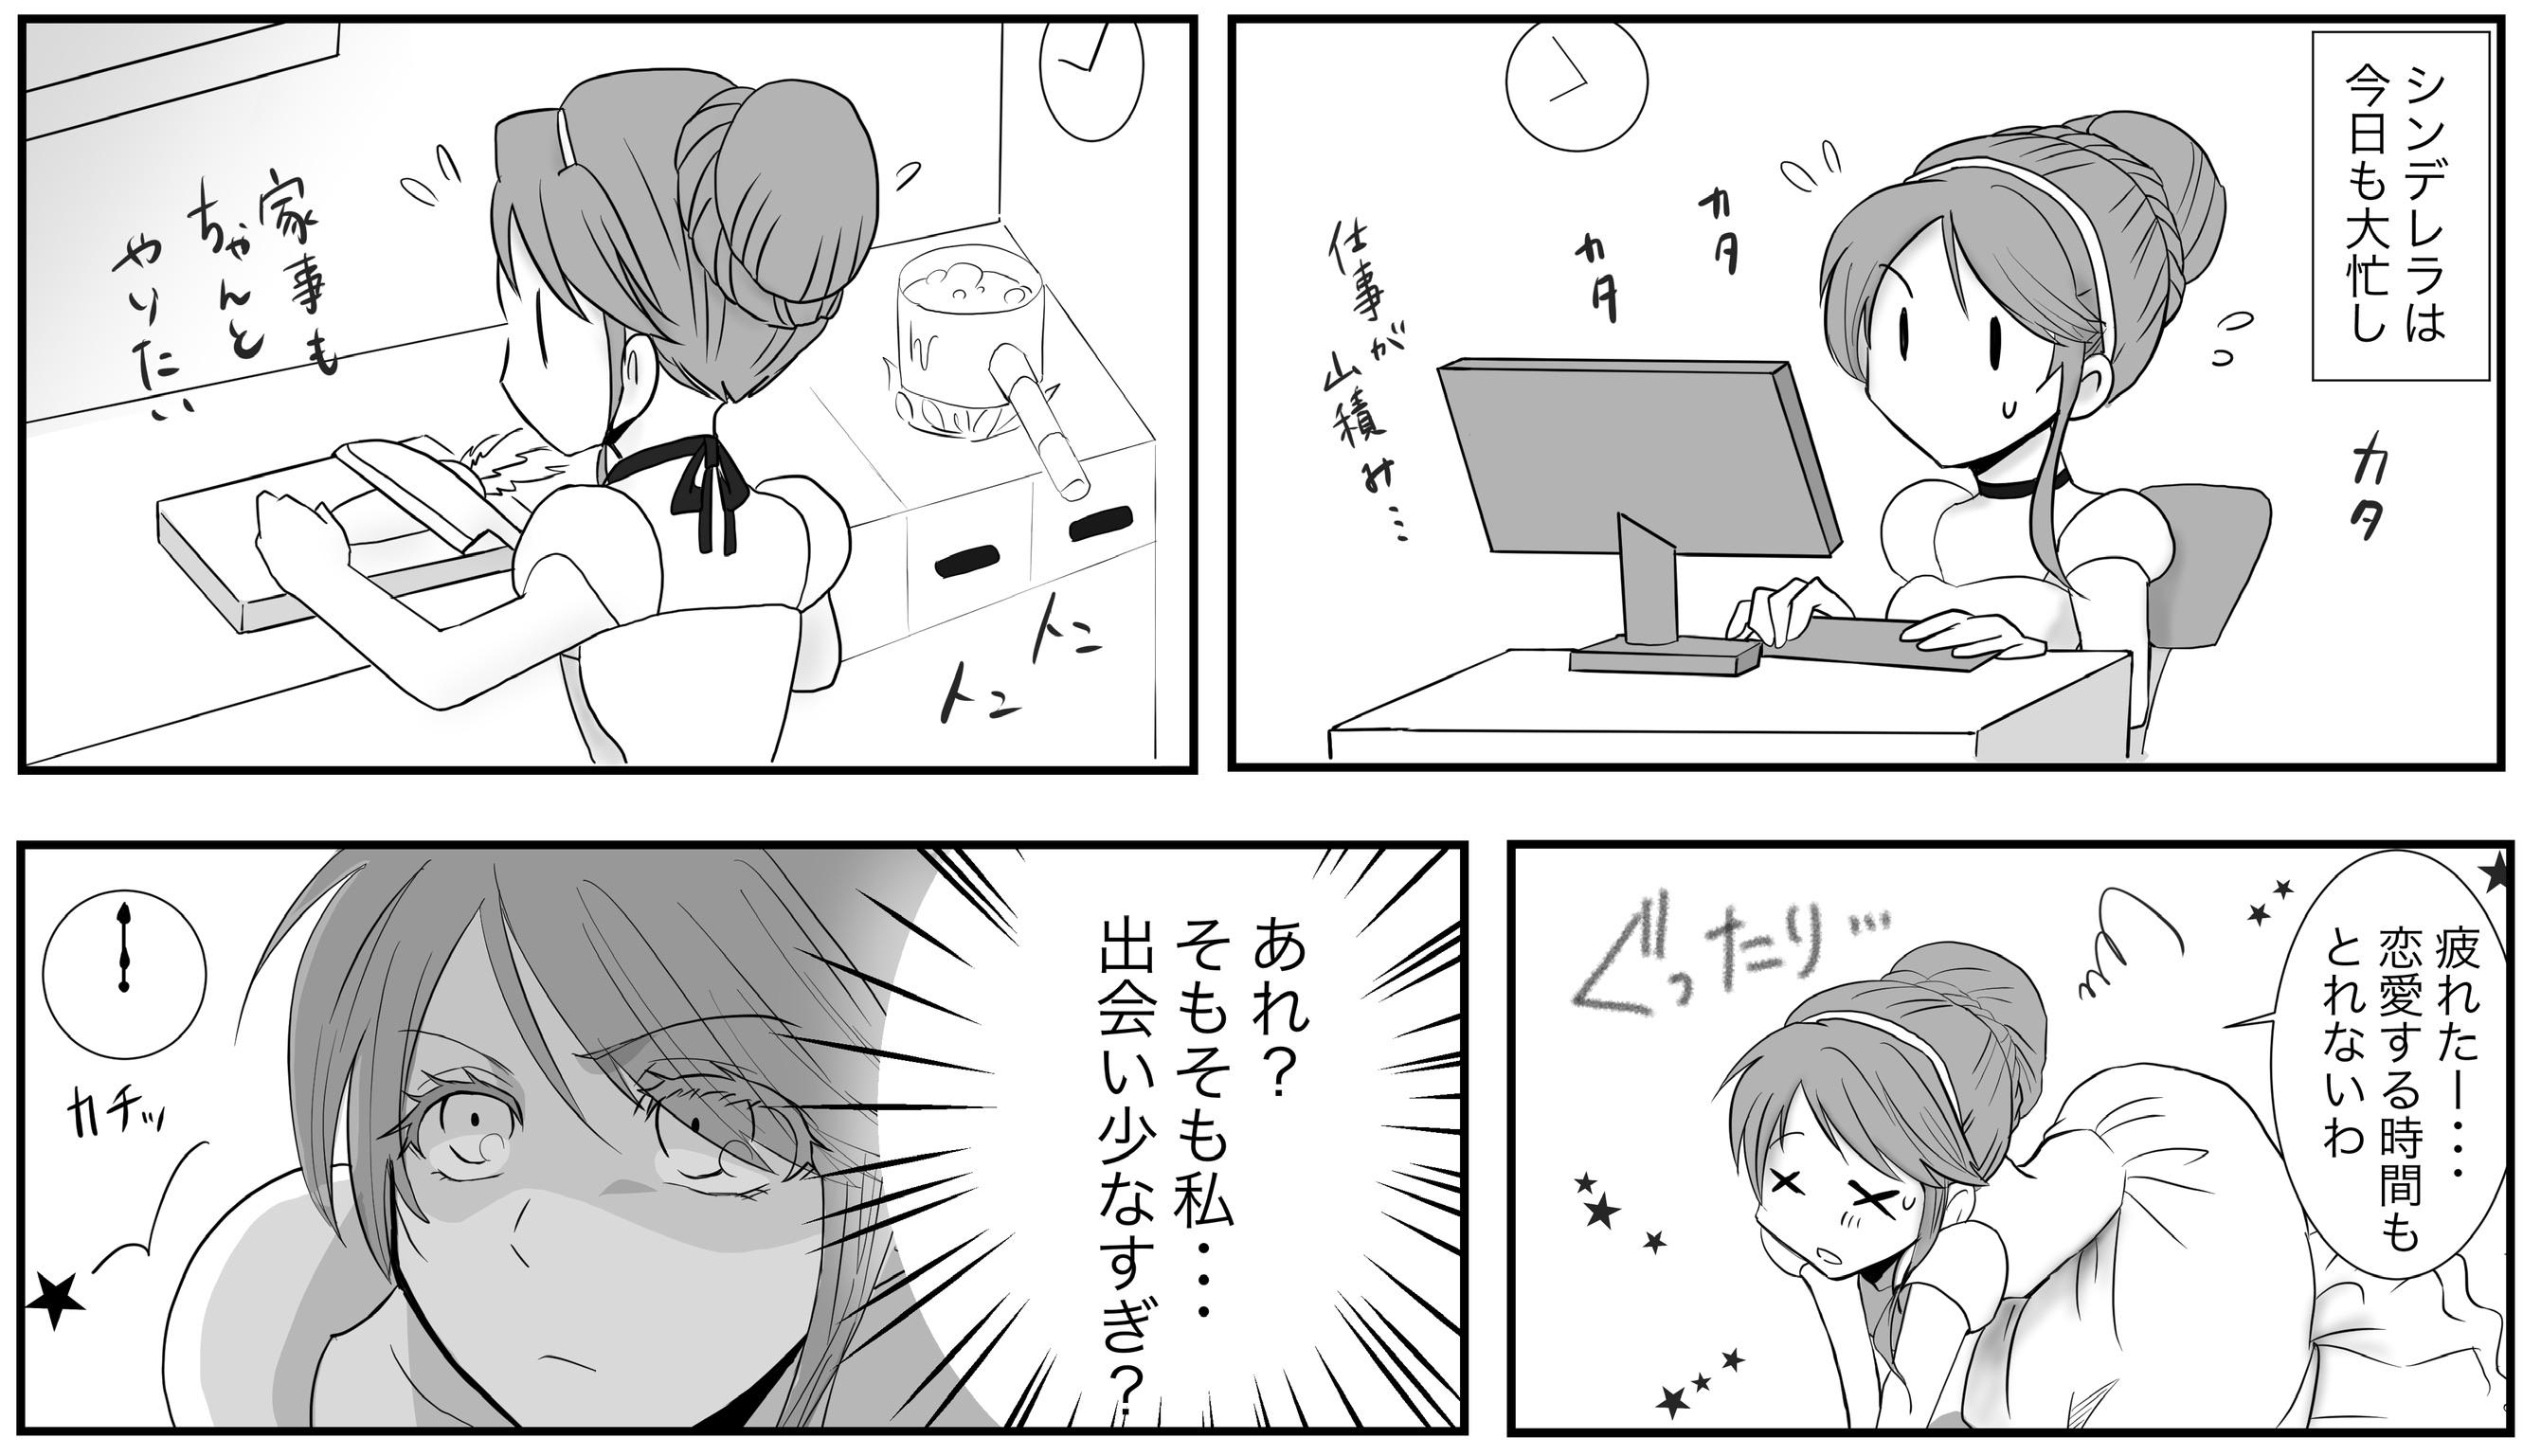 【婚活漫画】忙しくて出会いがないシンデレラ①_プロローグ